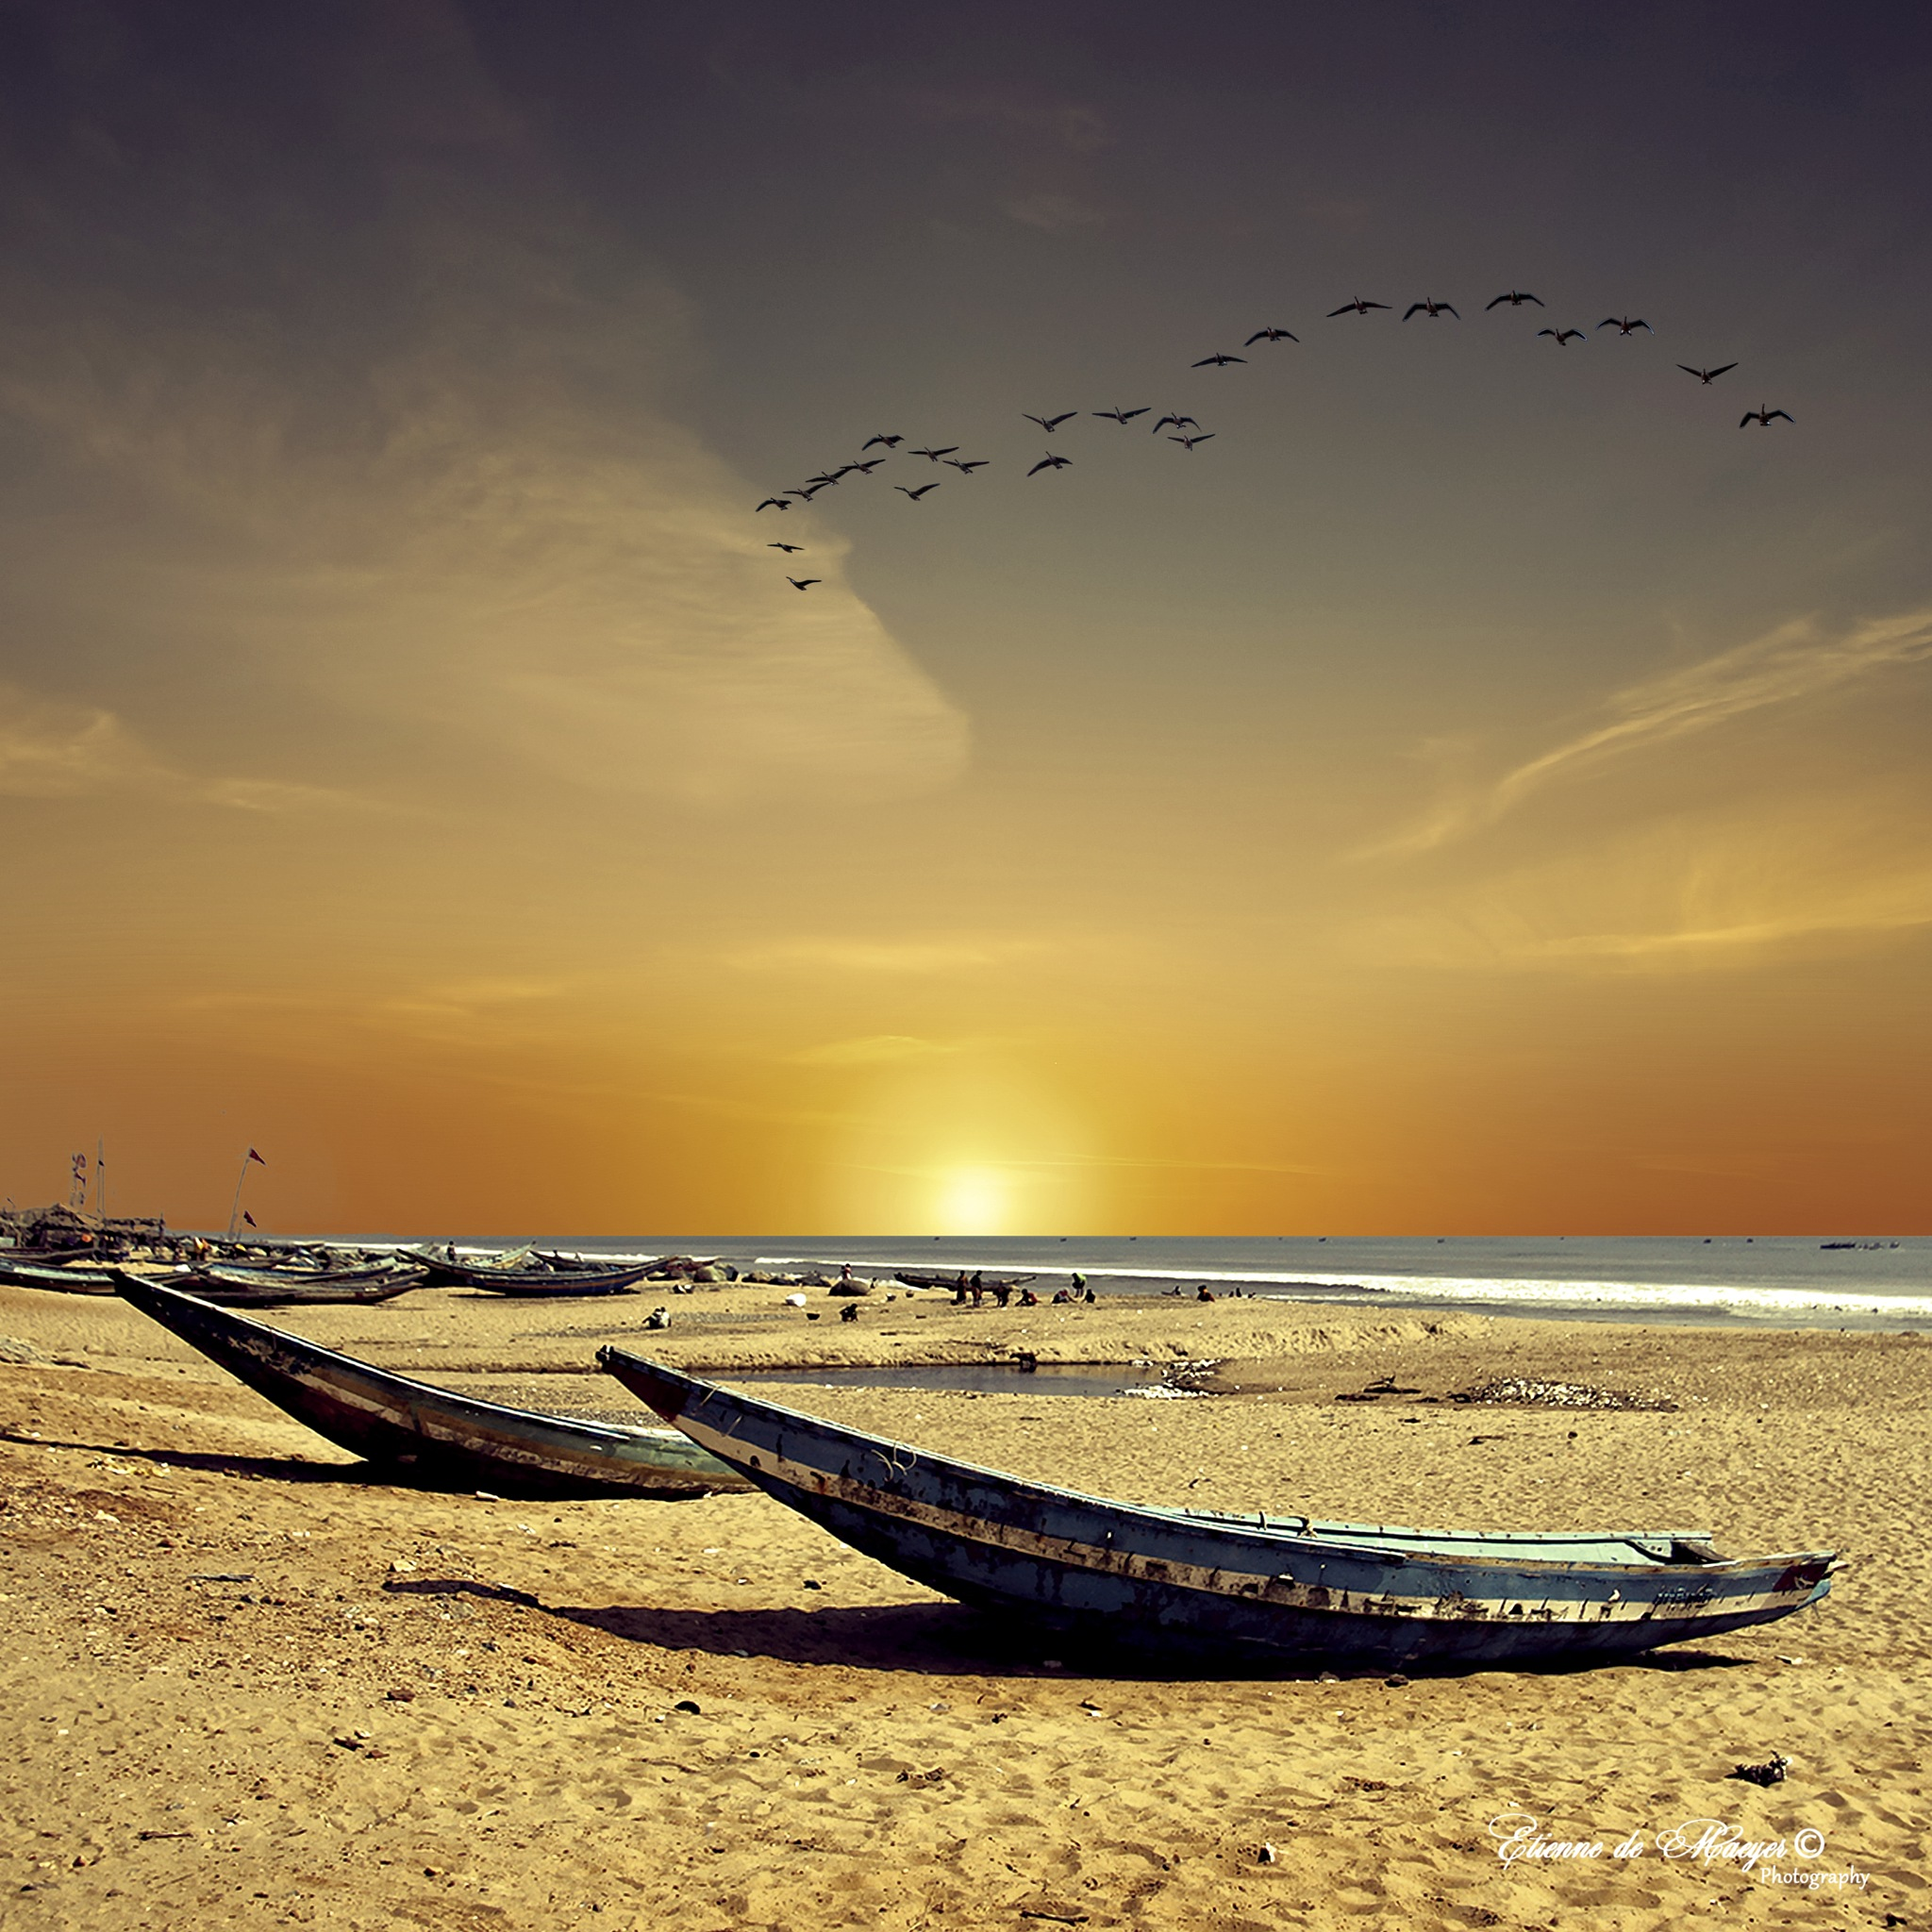 Seaside by Etienne de Maeyer